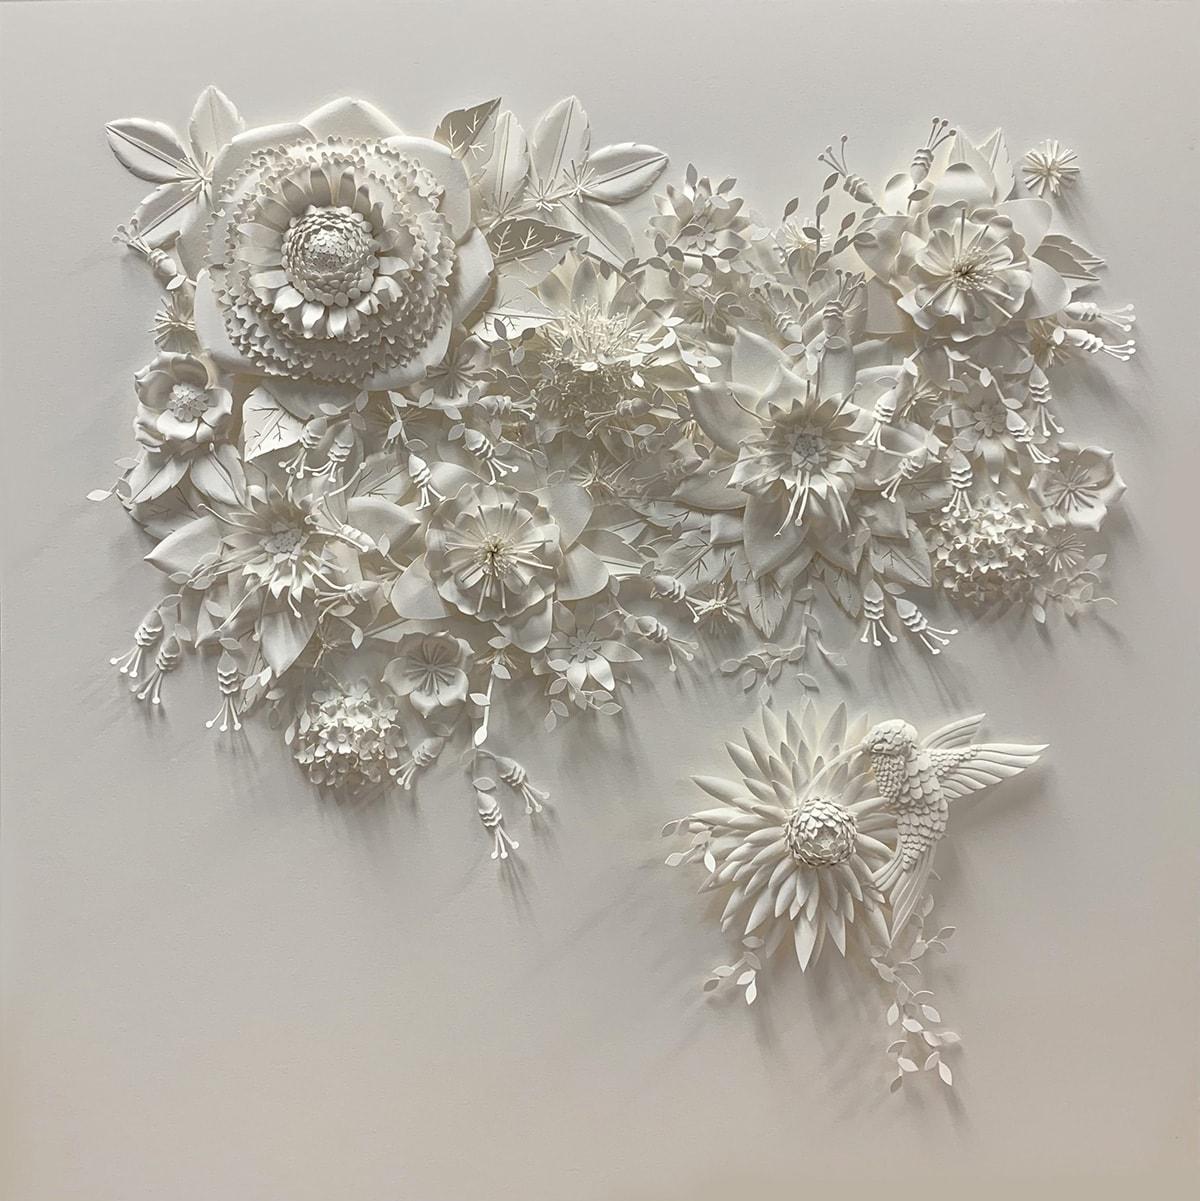 tara lee bennett lush paper paper flowers 2